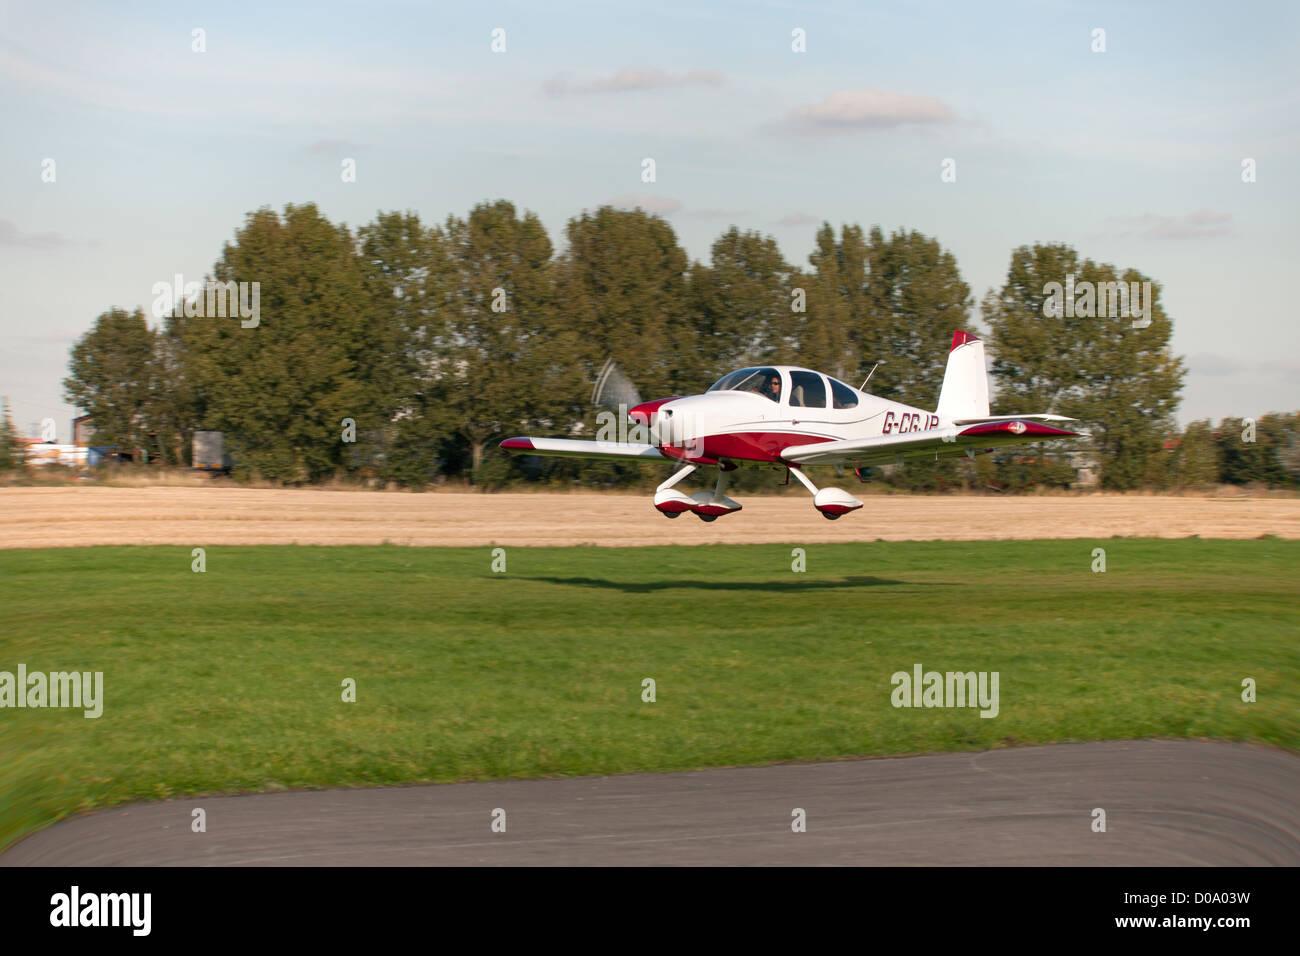 Vans RV-10 G-CGJP low level flight along runway at Breighton